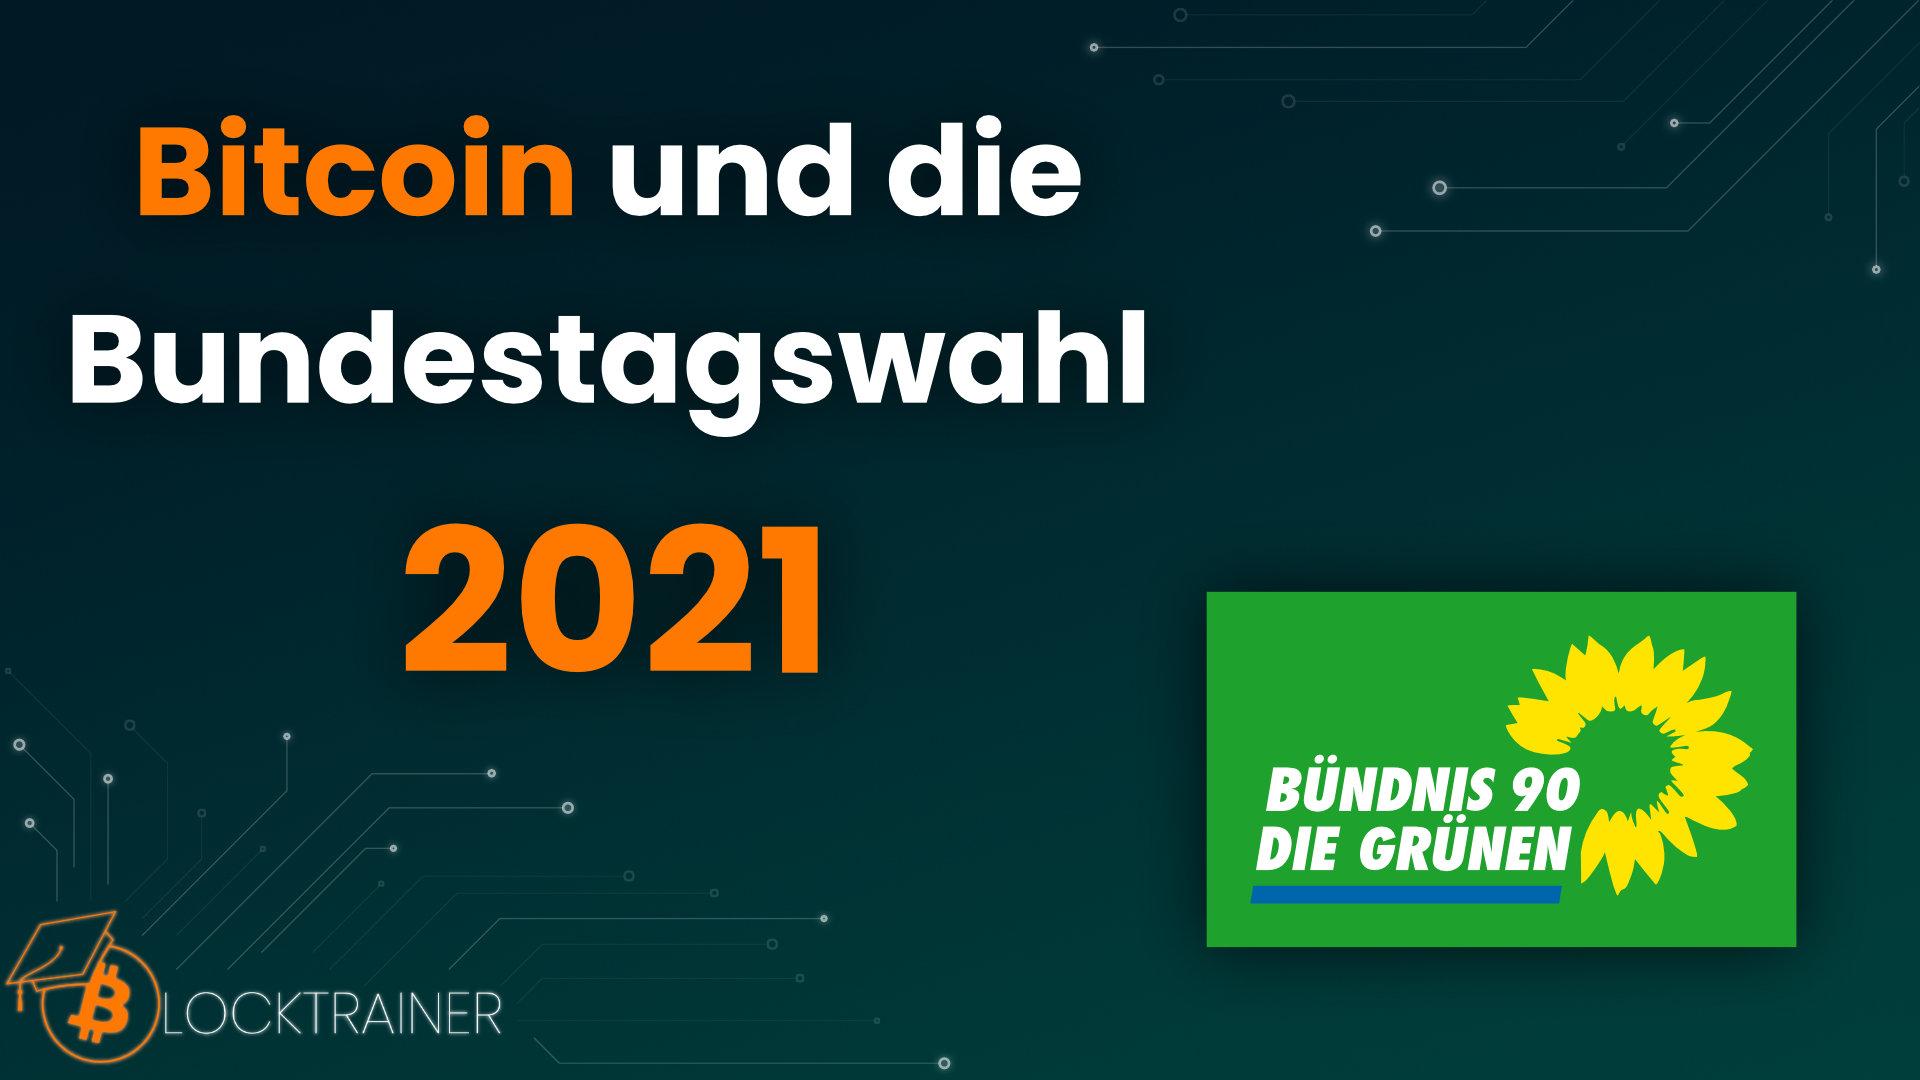 Bitcoin Bundestagswahl 2021 Die Grünen